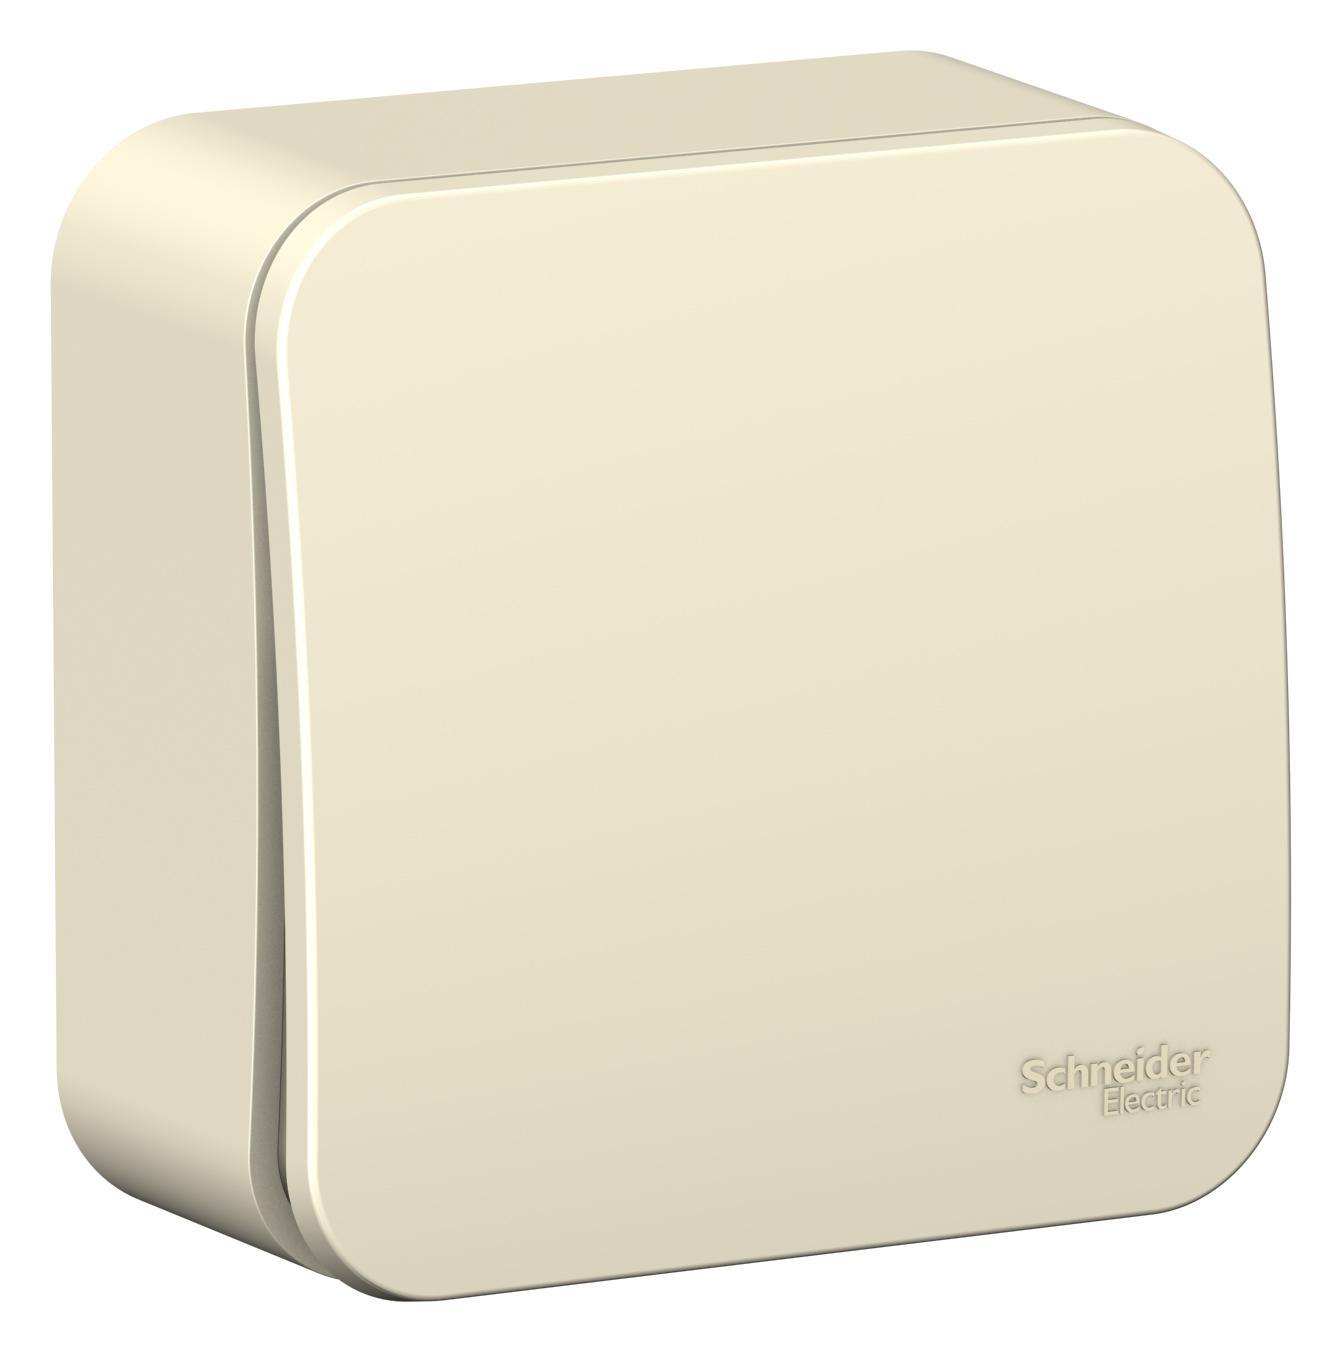 Купить Выключатель Schneider electric Blnva101002 blanca